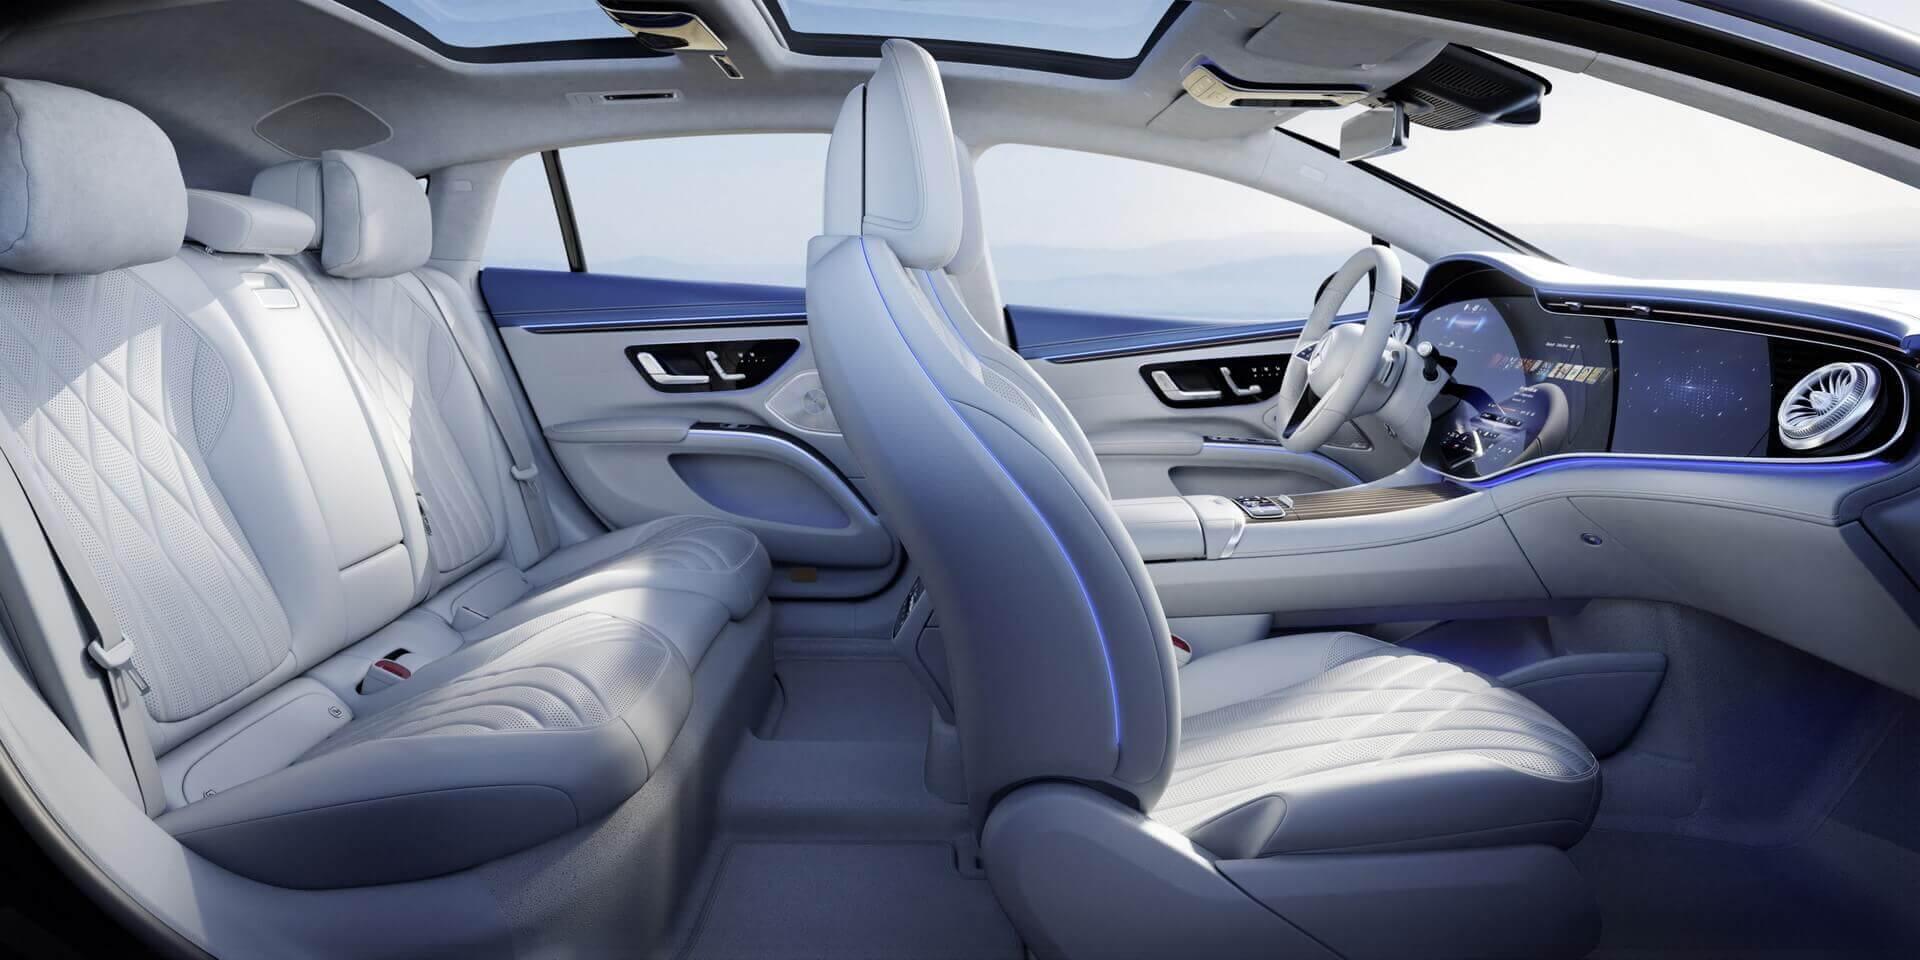 Интерьер Mercedes-Benz EQS: роскошь в цифровом формате